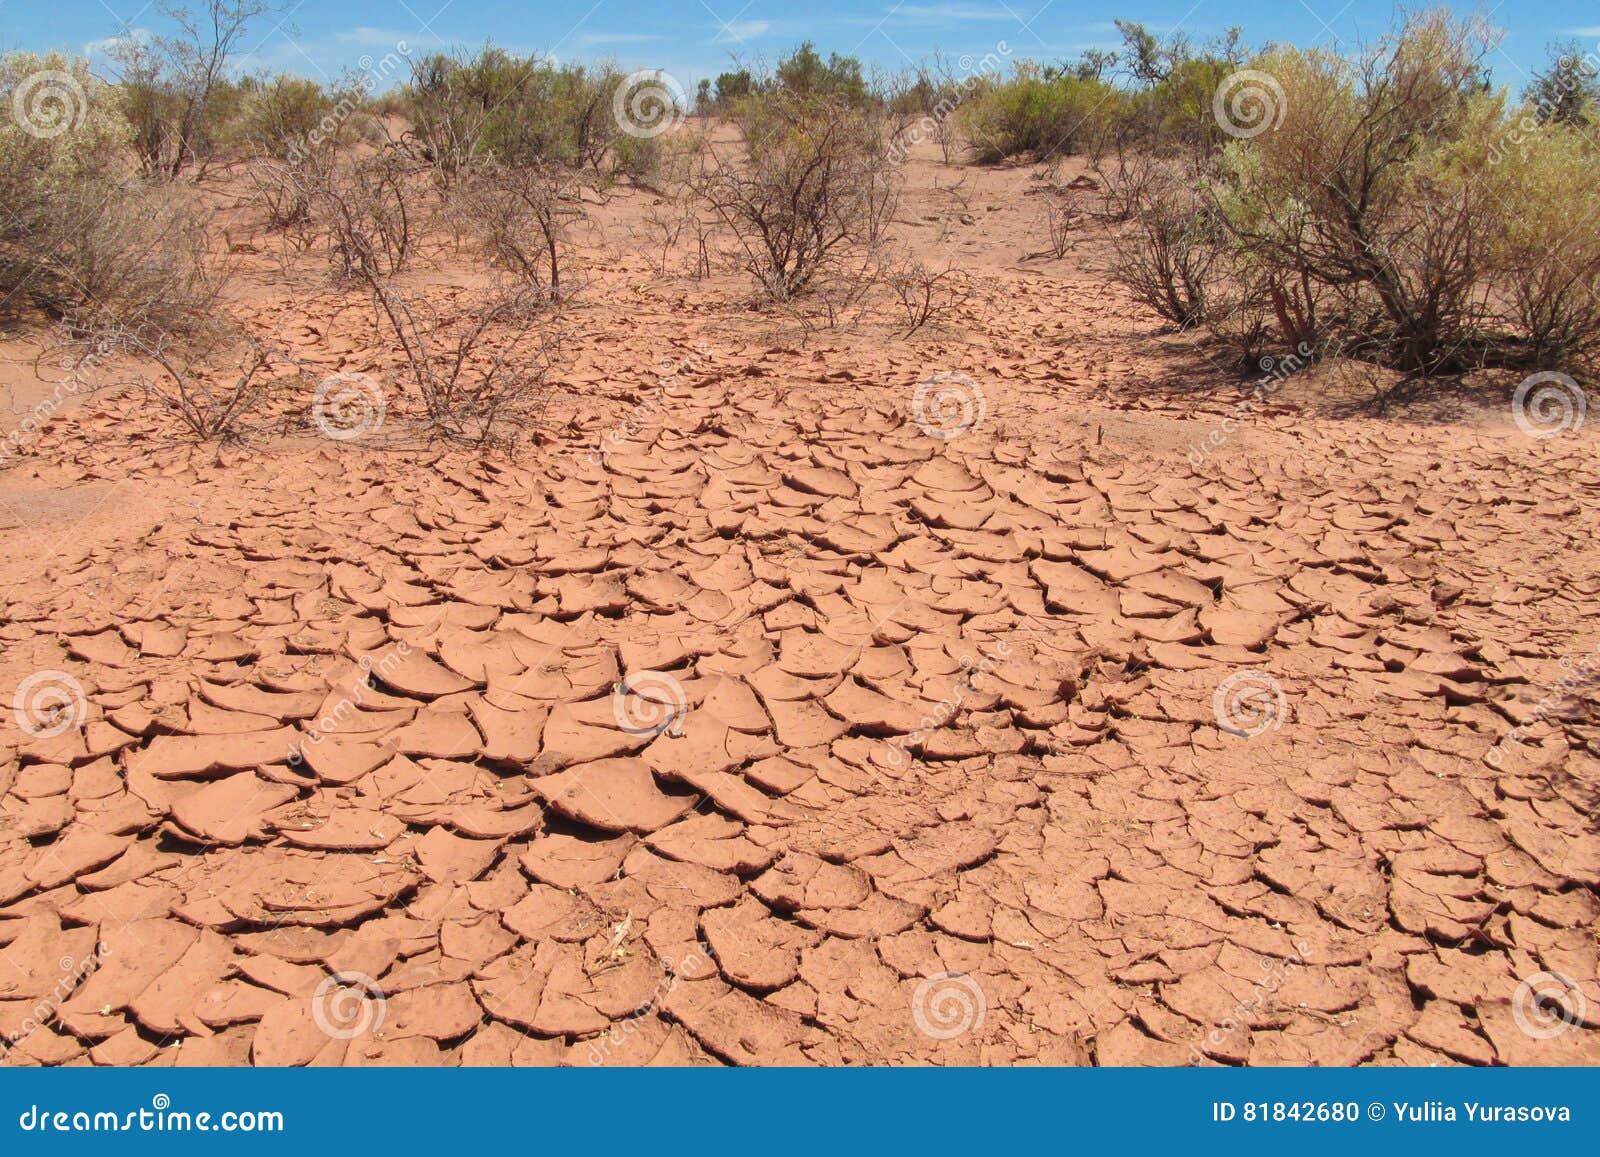 Desert Red Dry Soil, Plants On Desert Soil Stock Photo ...